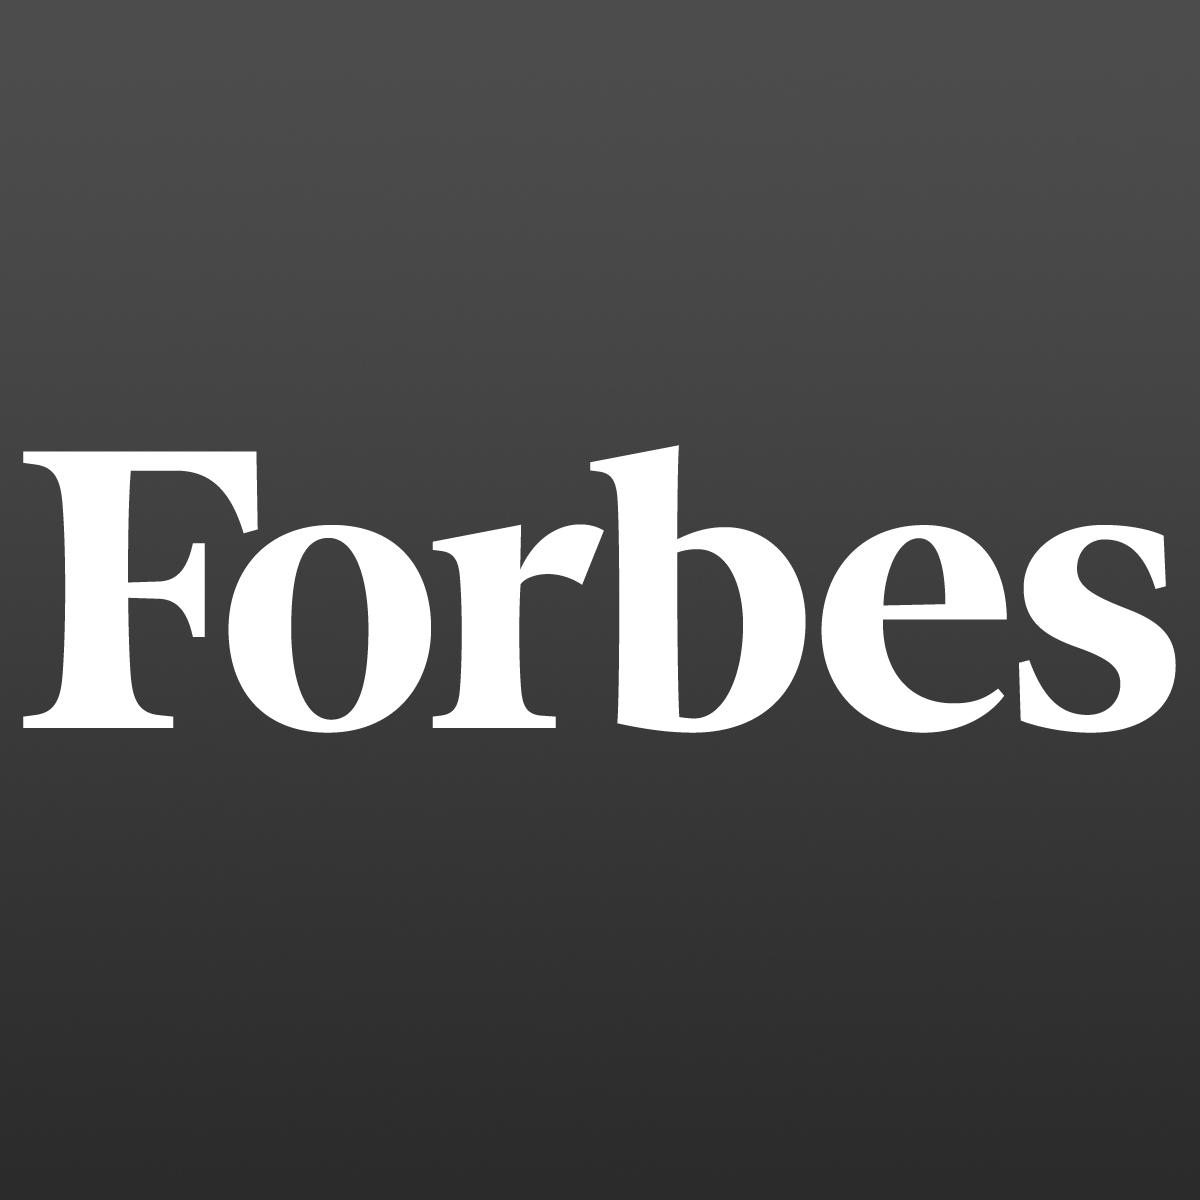 Stephan RabimovCONTRIBUTOR @ Forbes -